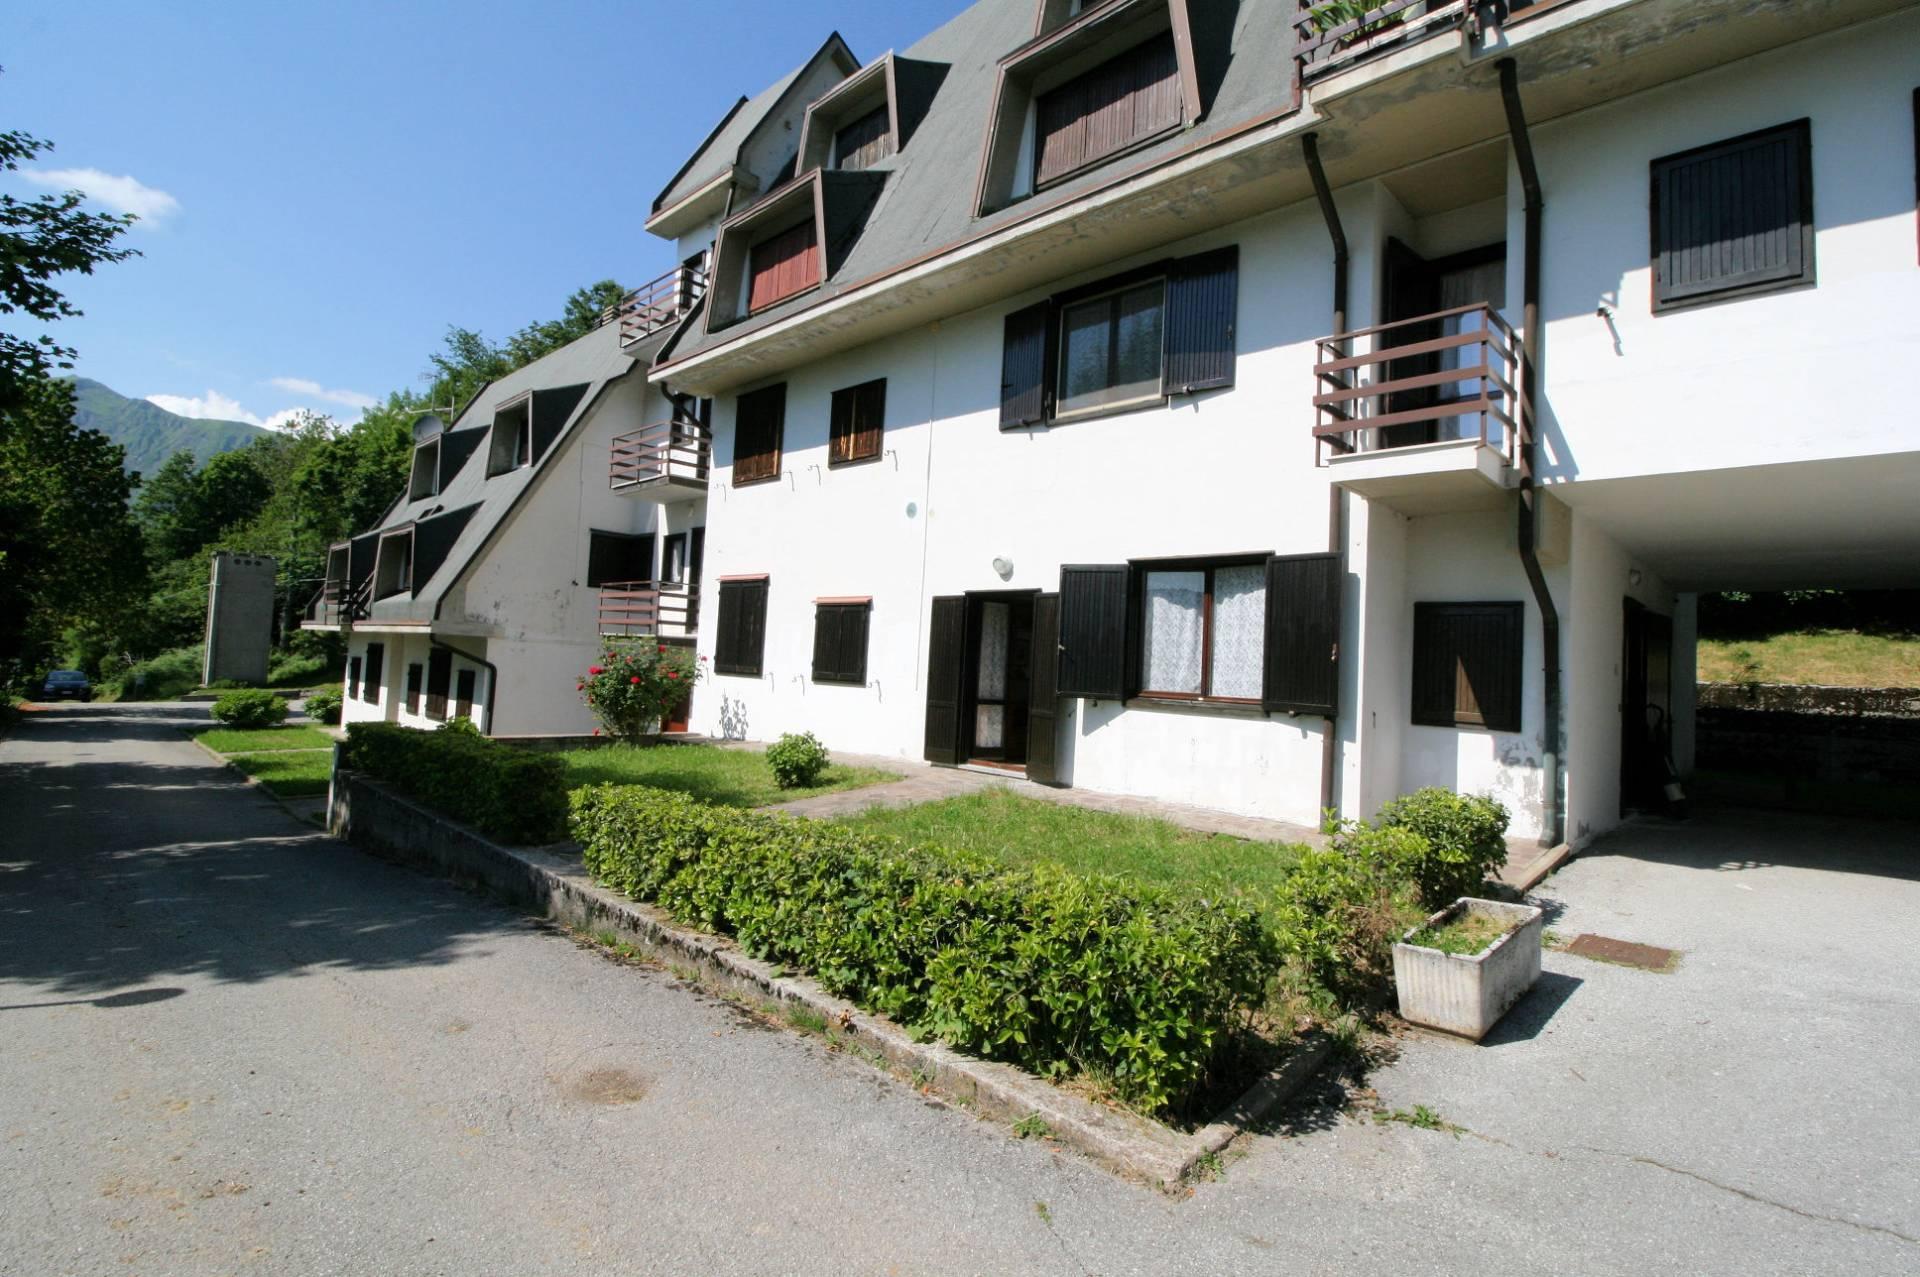 1160-Appartamento al piano terra con giardino-Cutigliano-1 Agenzia Immobiliare ASIP